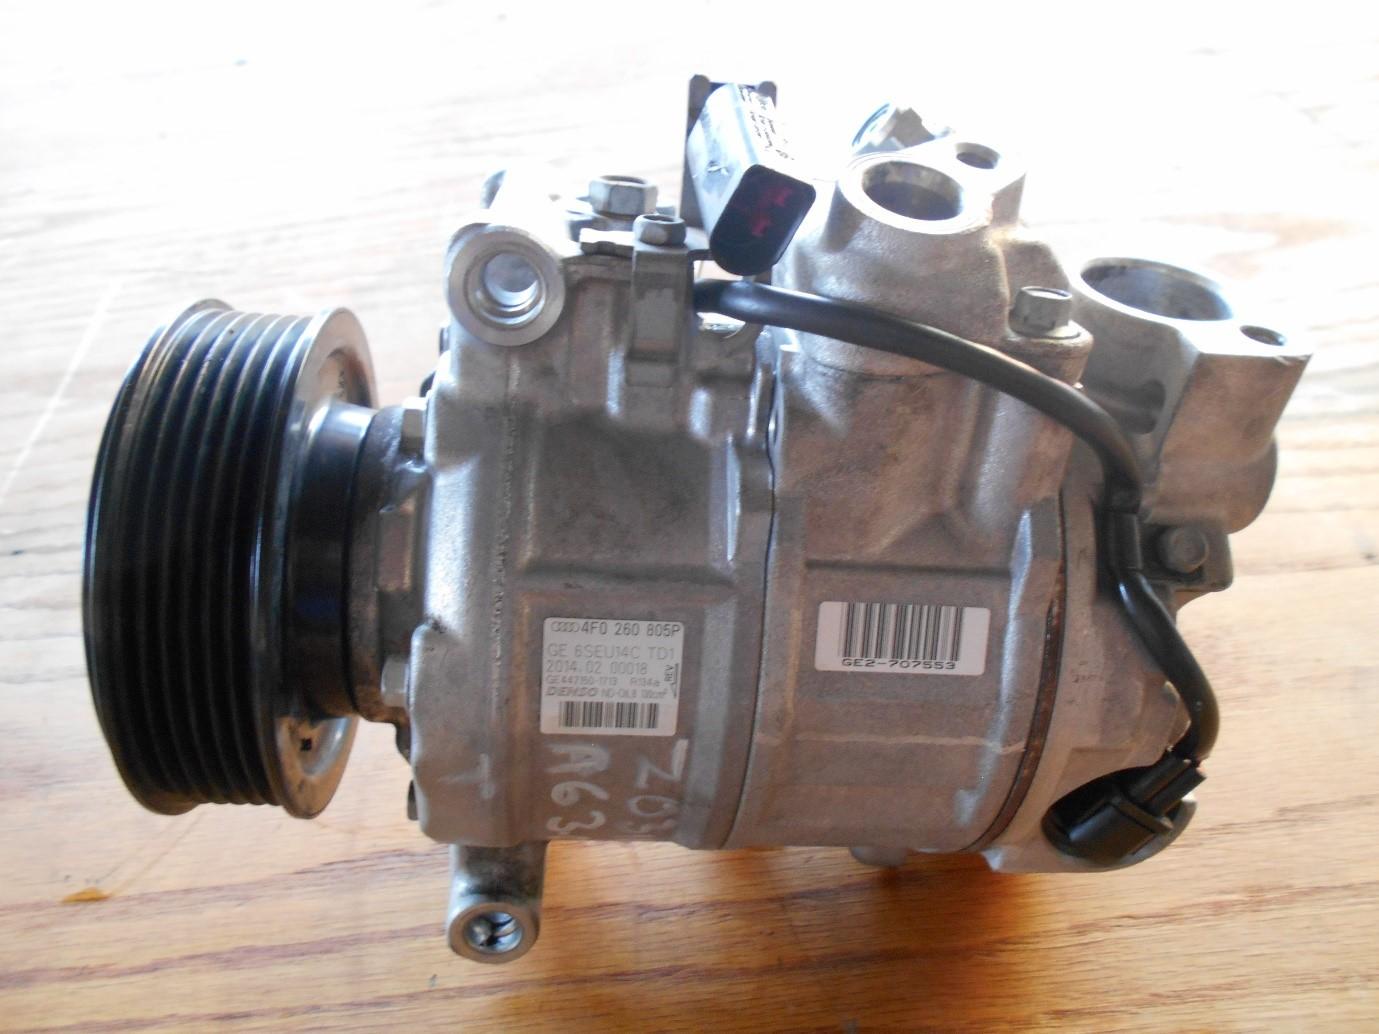 Audi A6 3.0 TDI Air conditioning Compressor